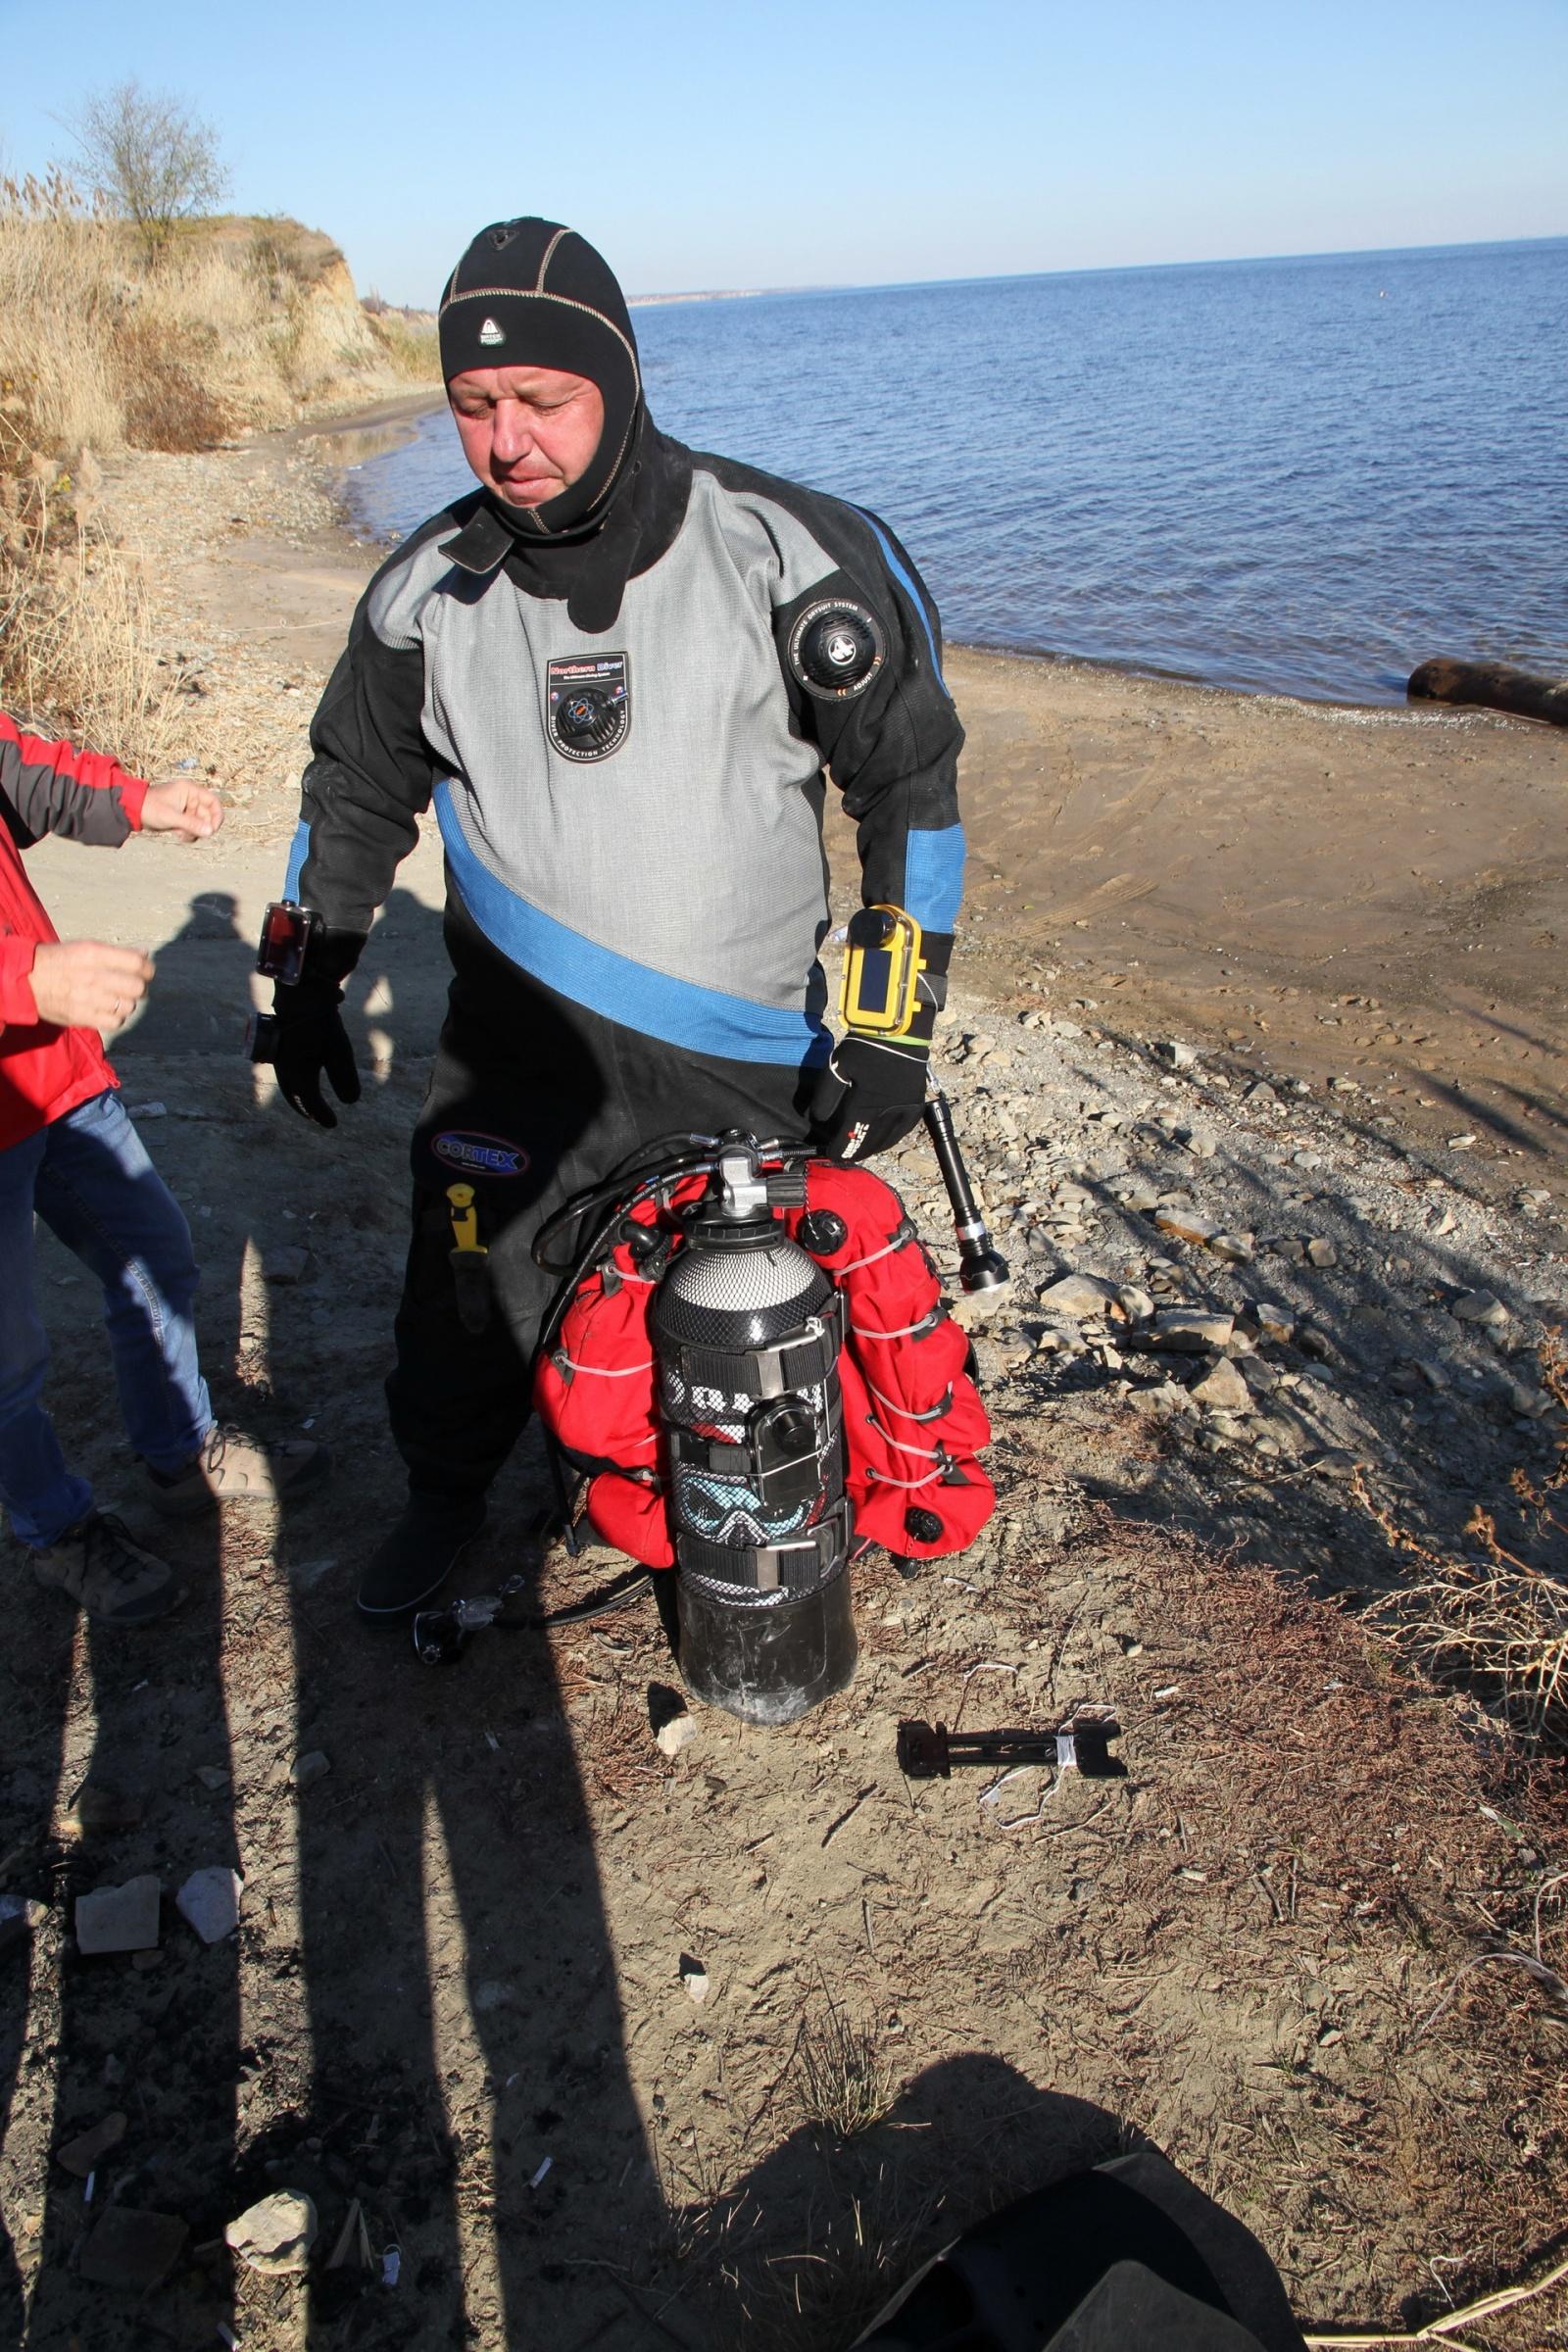 Подводный GPS с нуля за год - 12